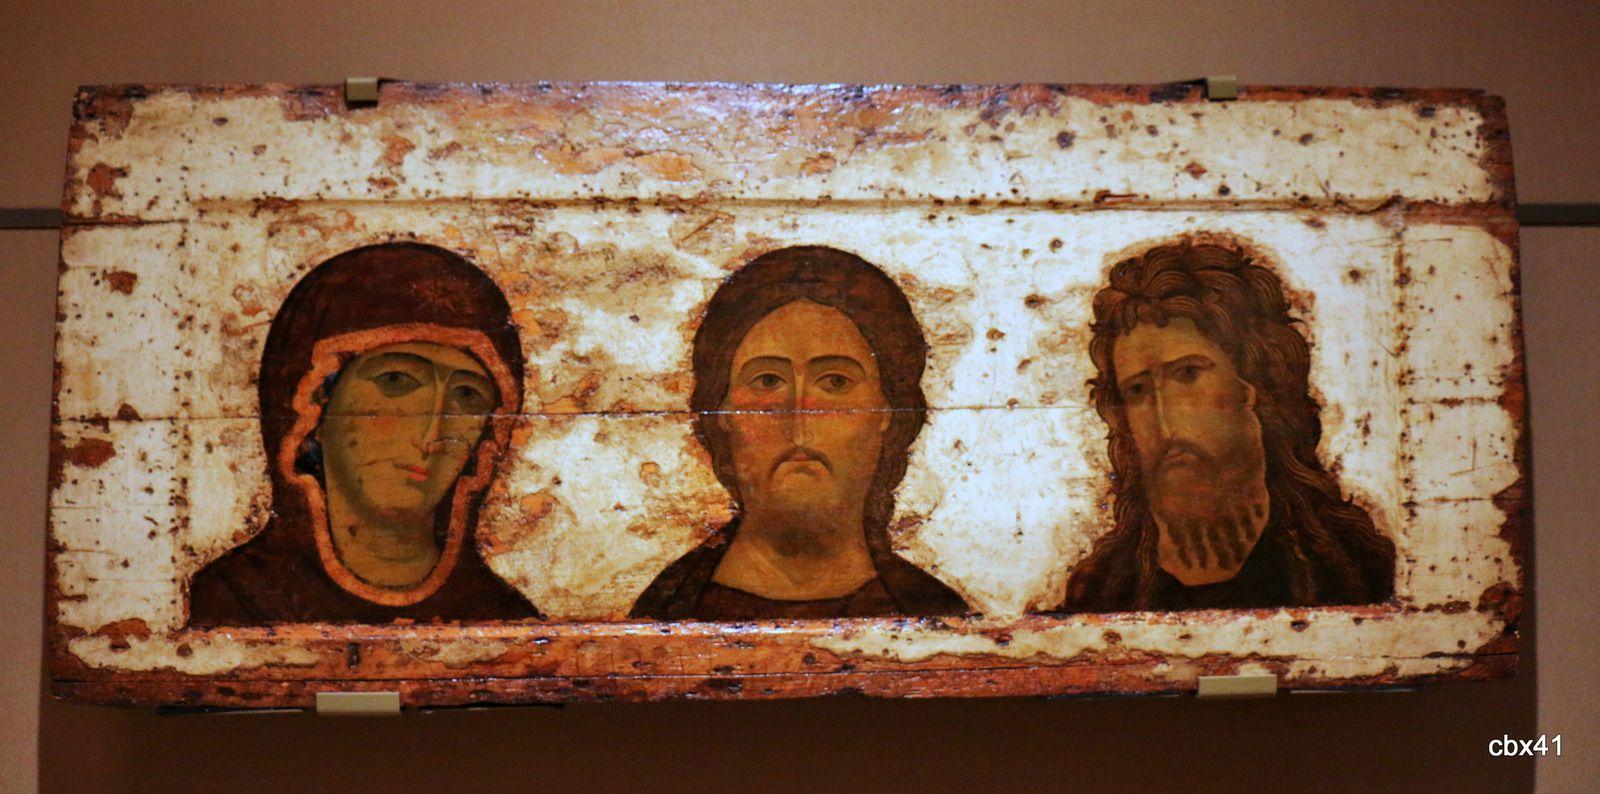 La Vierge, Le Sauveur et Jean-Baptiste, galerie d'Etat Tretiakov, Moscou (Russie)